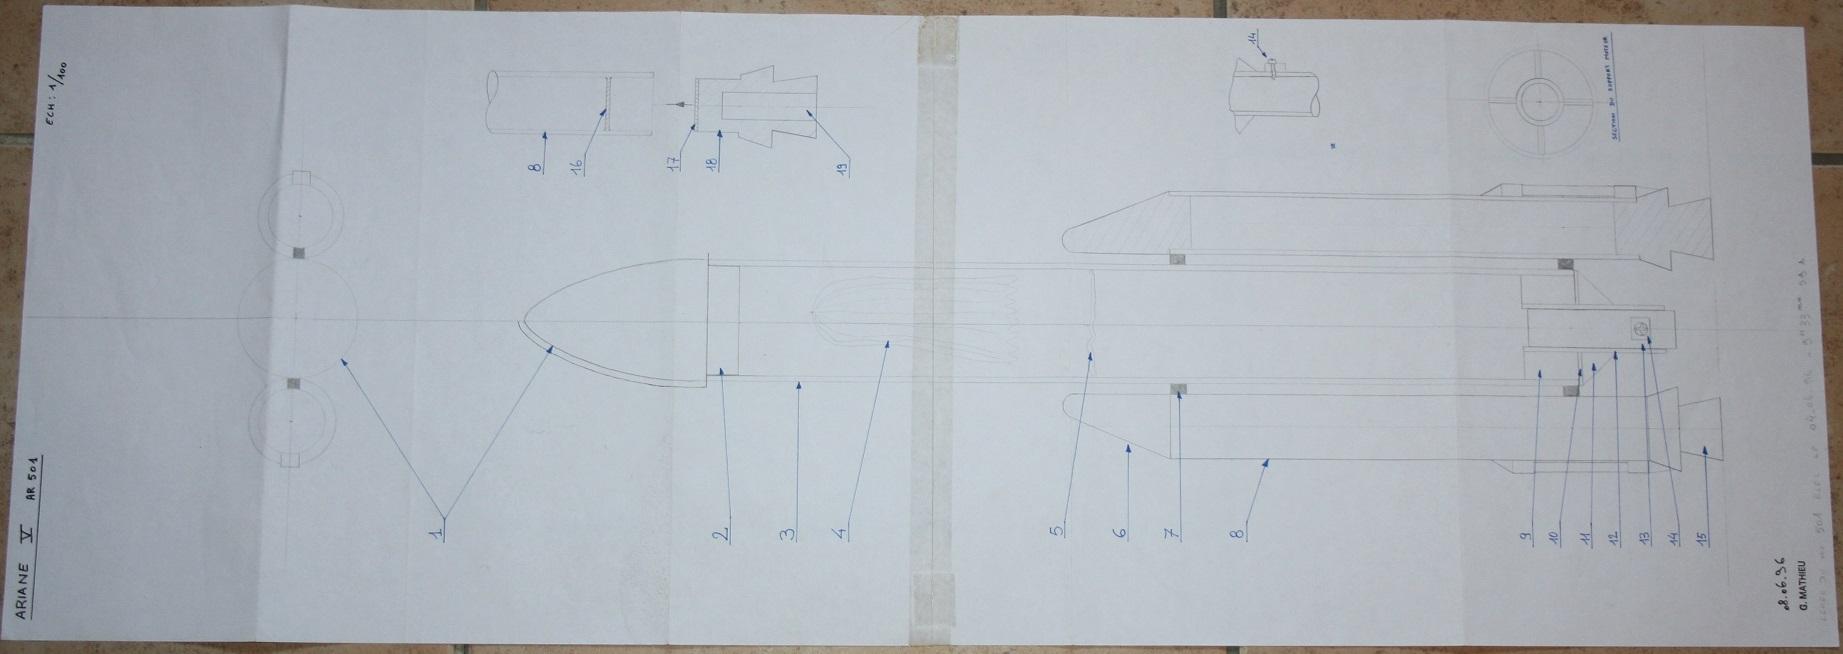 maquettes scratch ARIANE 5 par billmat 420630ARIANE501plan1